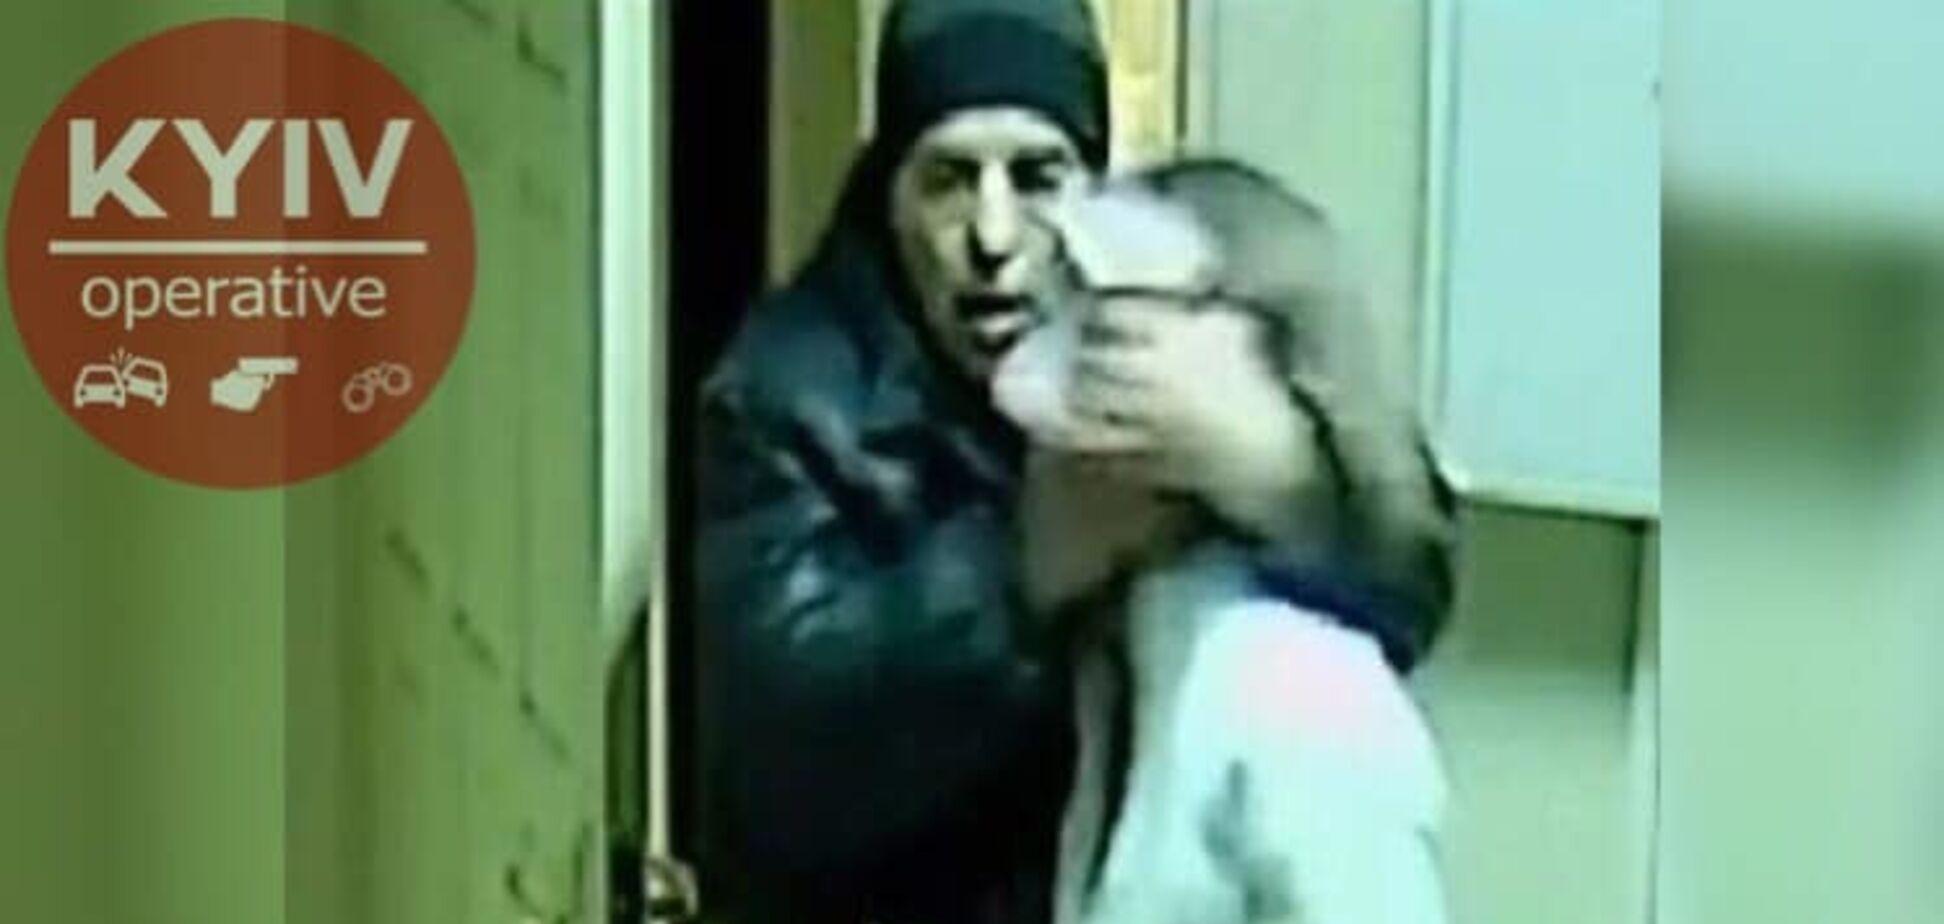 Затащил провизора в подсобку: в аптеке Харькова произошло жуткое преступление. Фото злодея